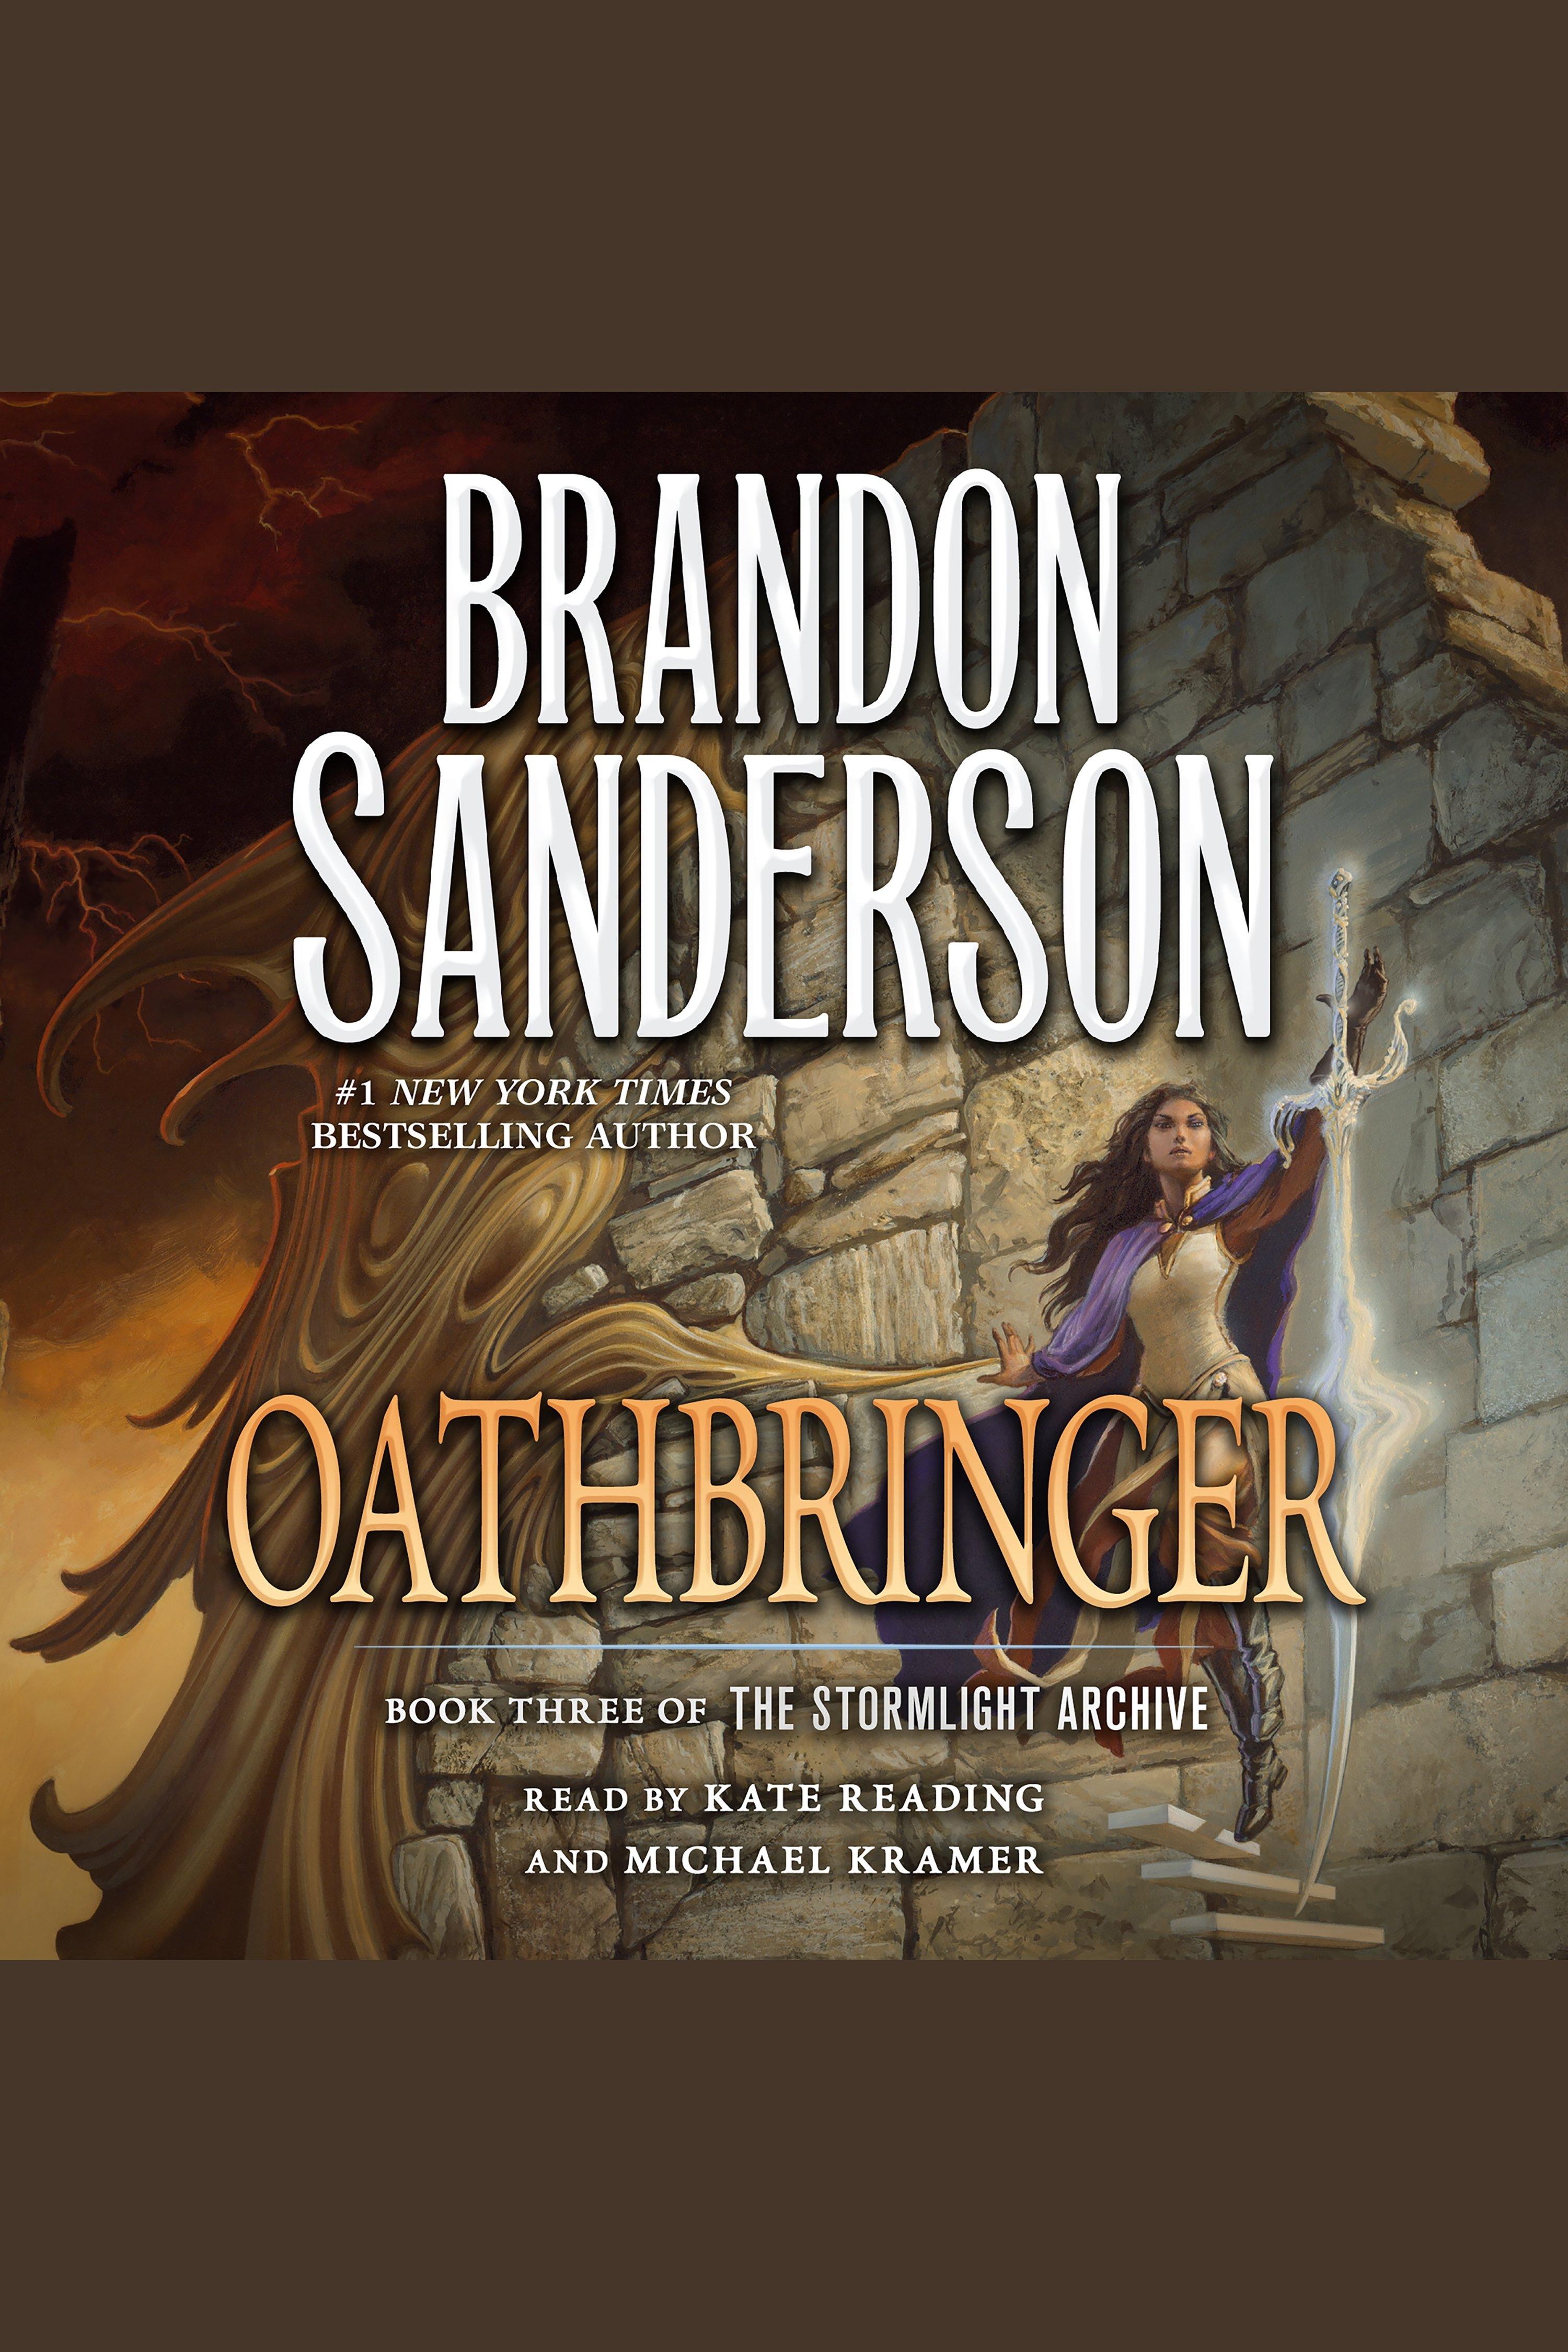 Oathbringer cover image